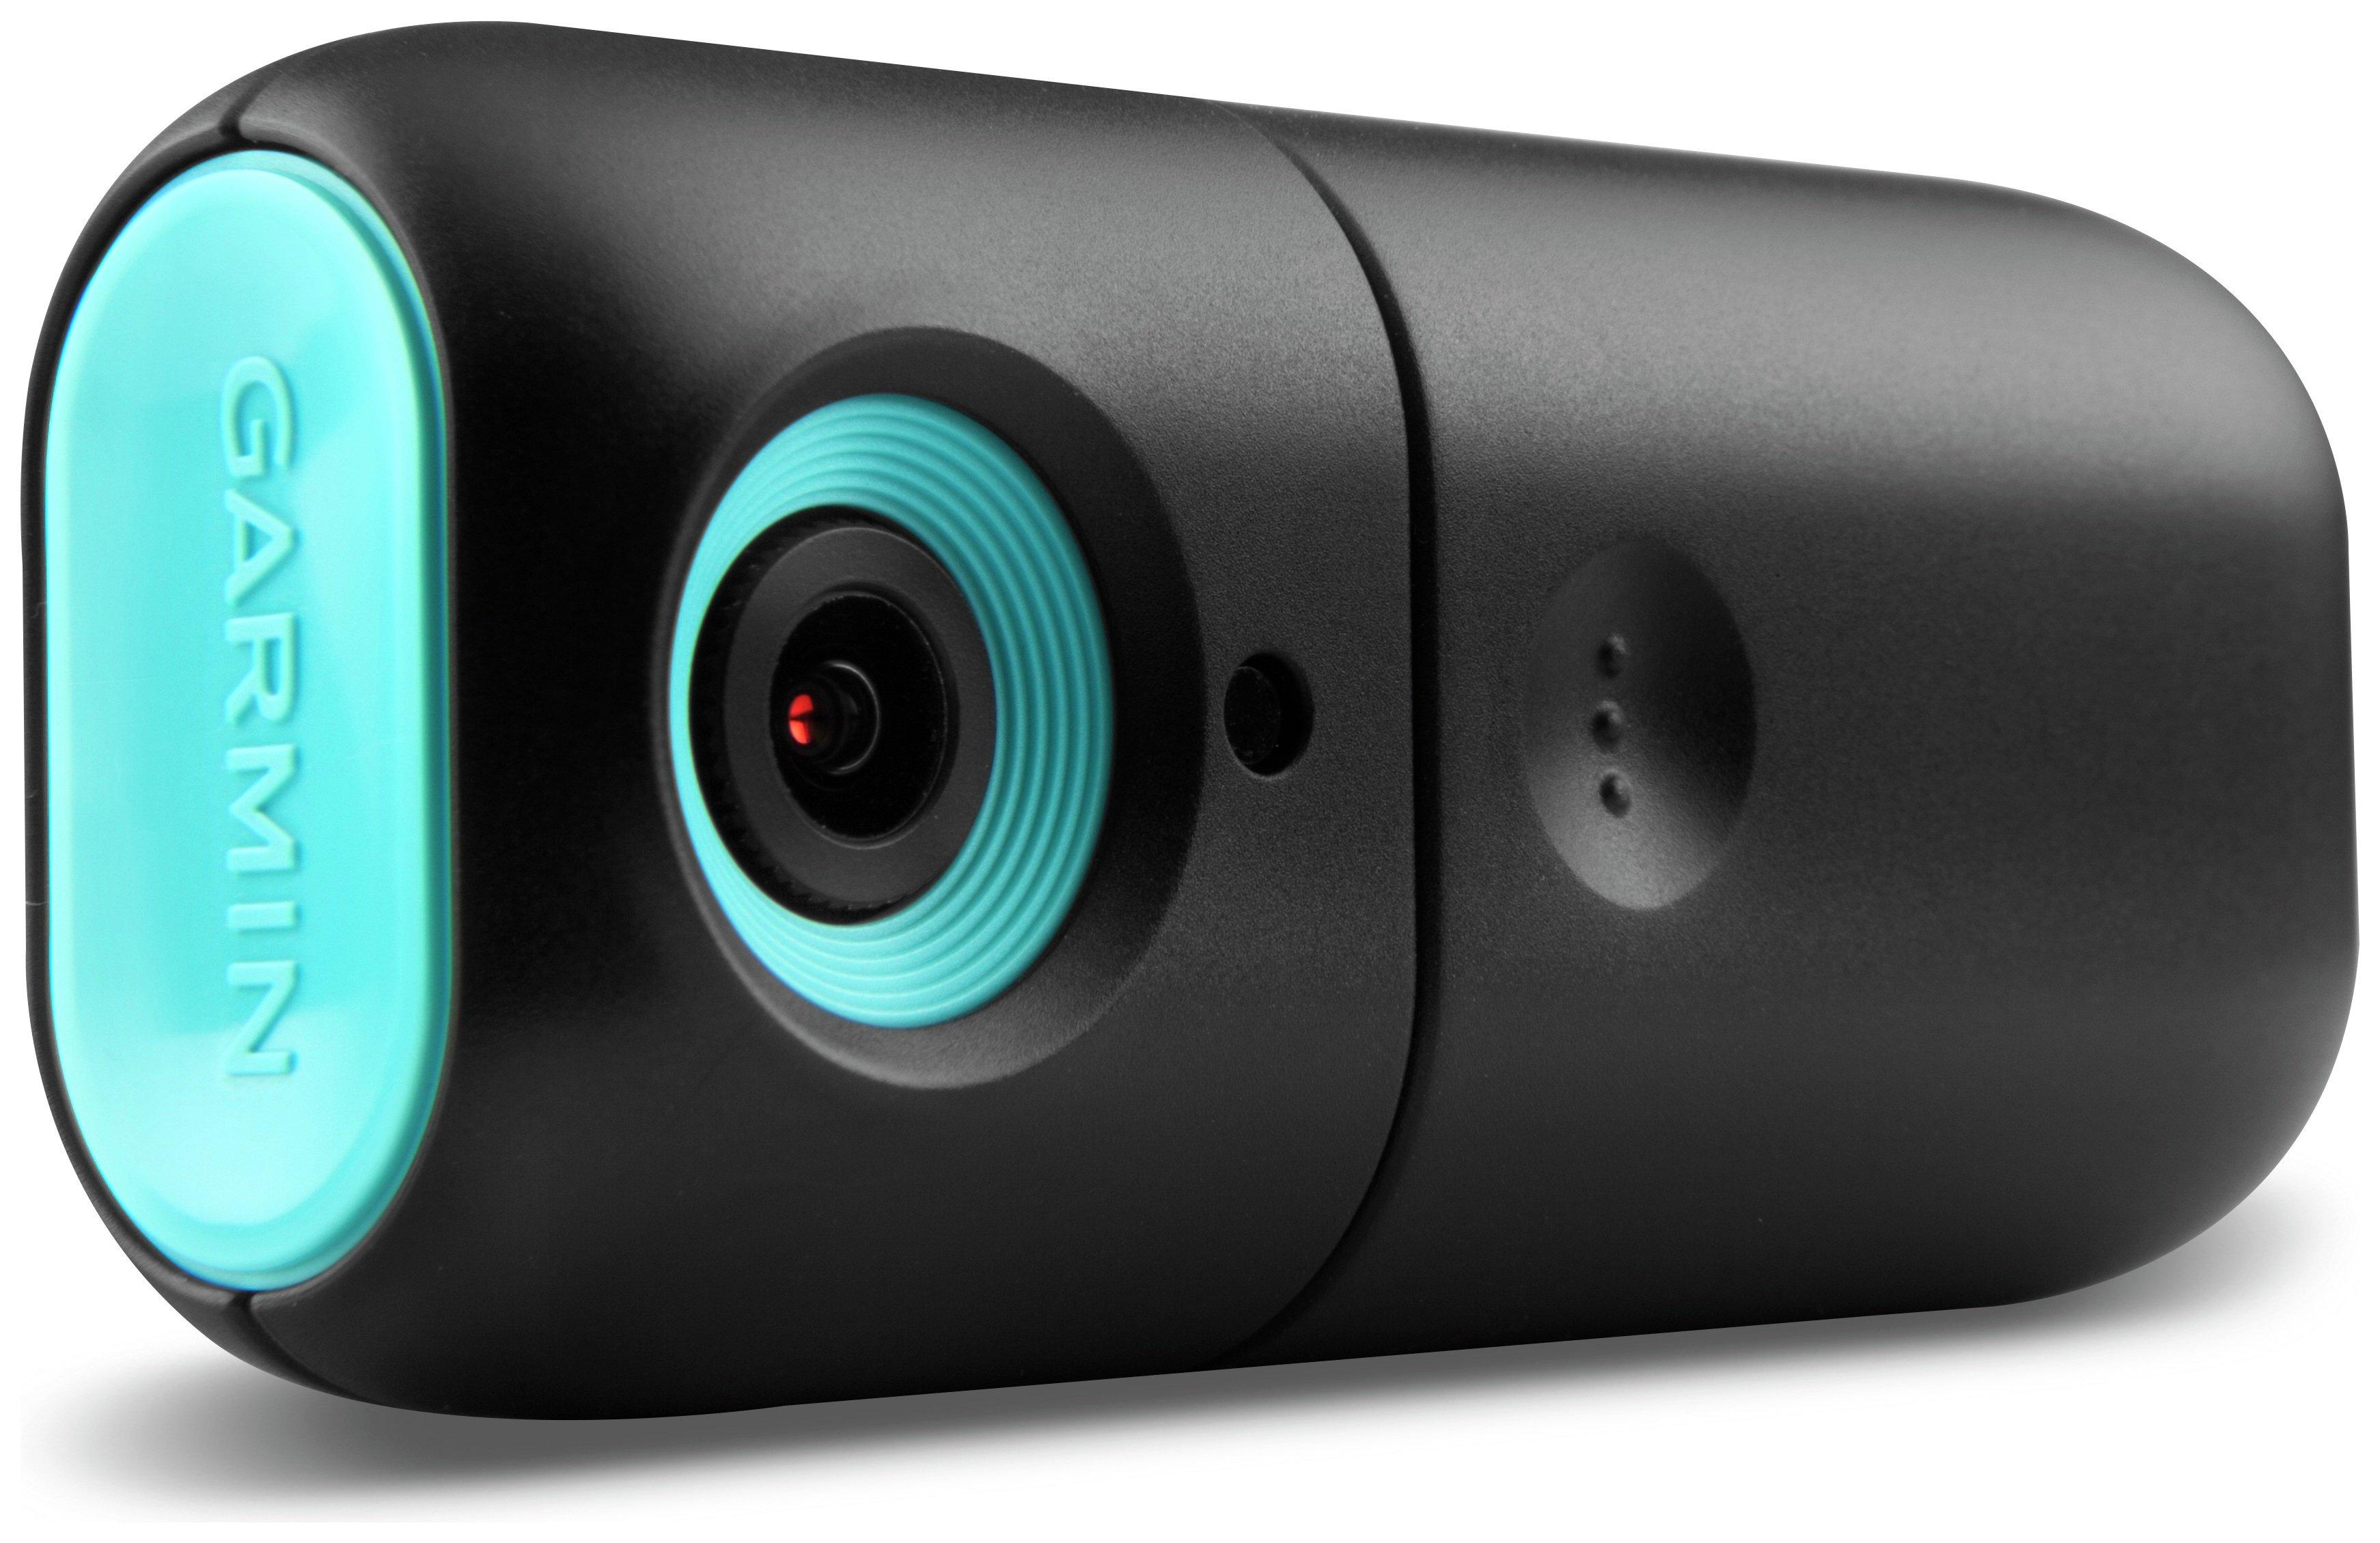 Garmin Garmin - babyCam In-Vehicle Video Baby Monitor